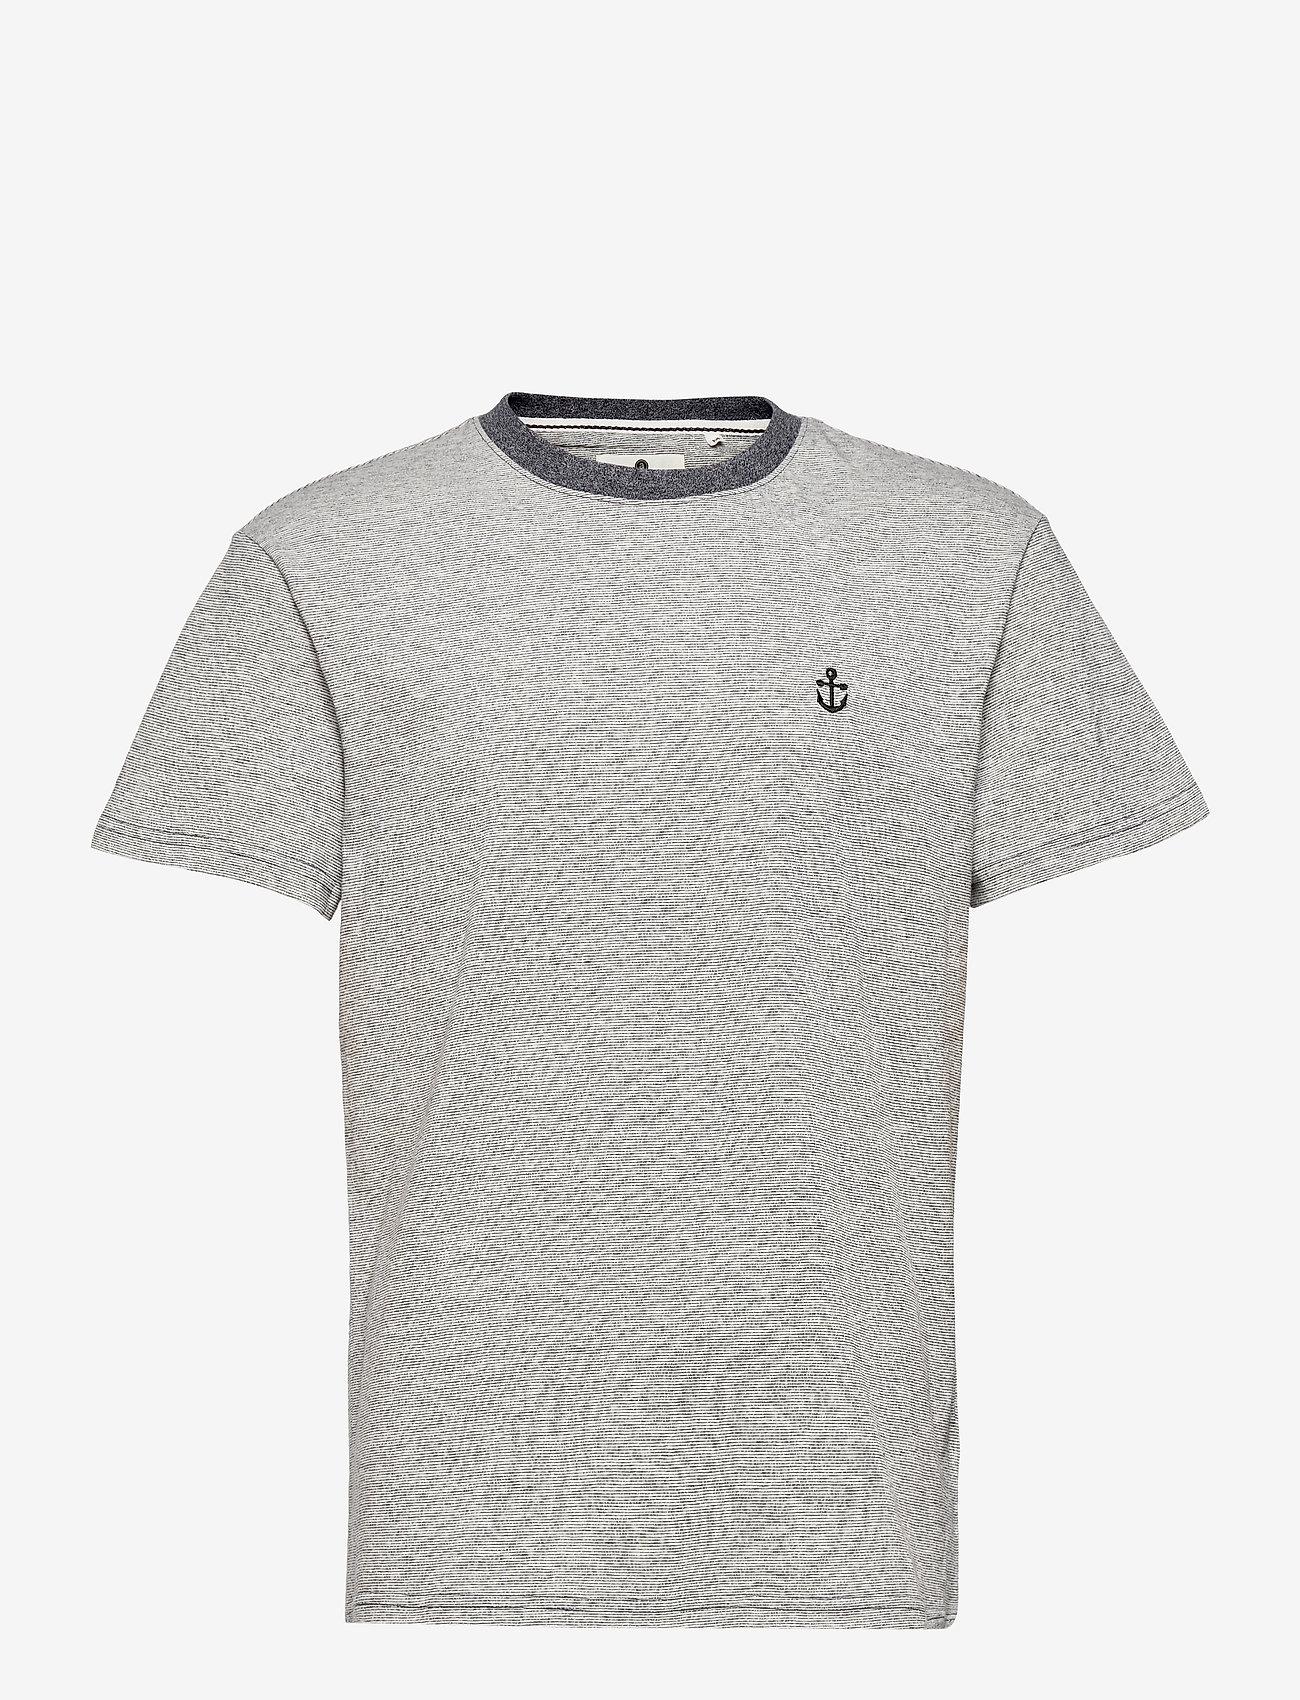 Anerkjendt - AKKIKKI CURV EMB - t-shirts - sky captain - 1